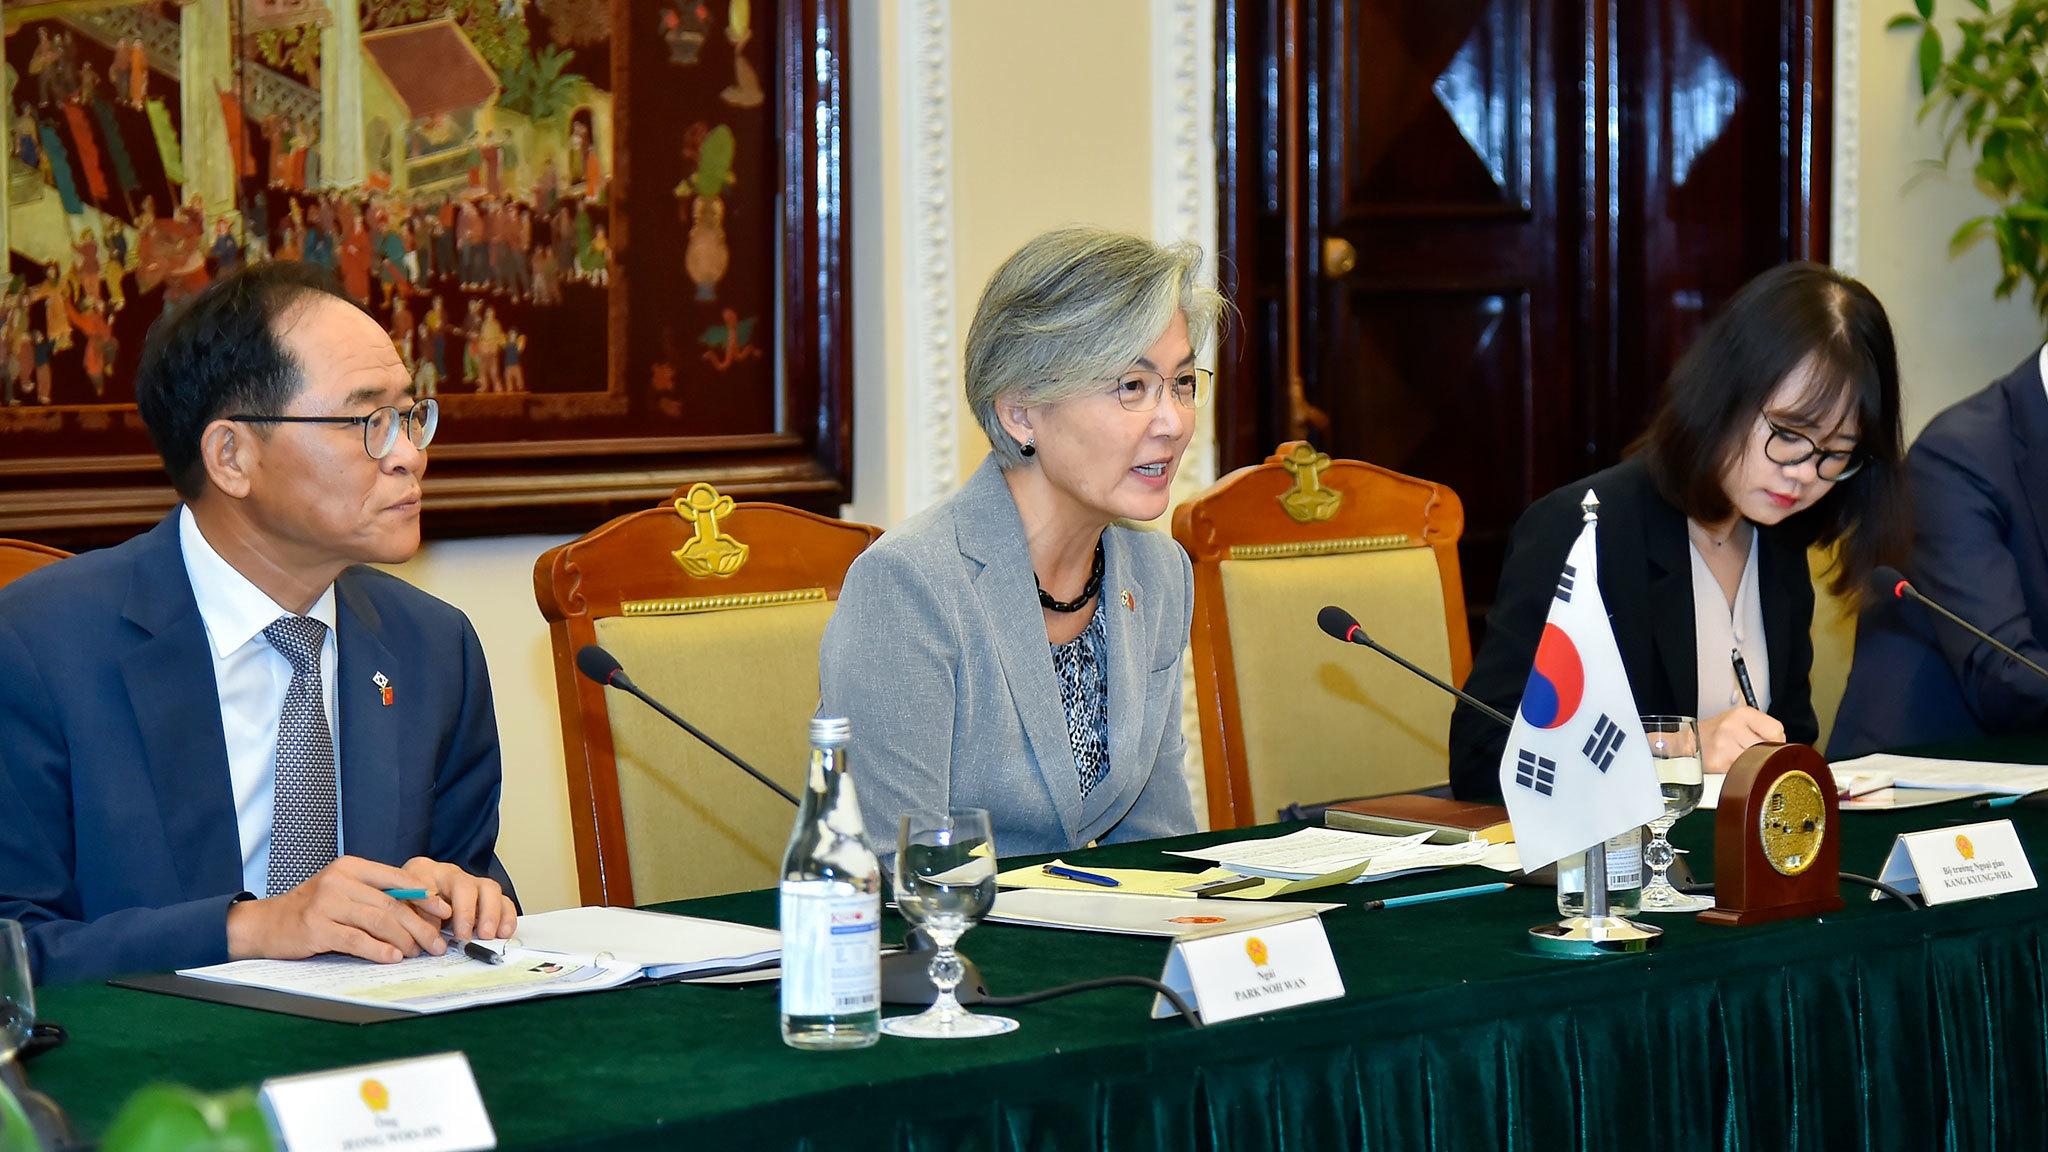 Bộ trưởng nước ngoài đầu tiên thăm Việt Nam kể từ khi bùng phát Covid-19